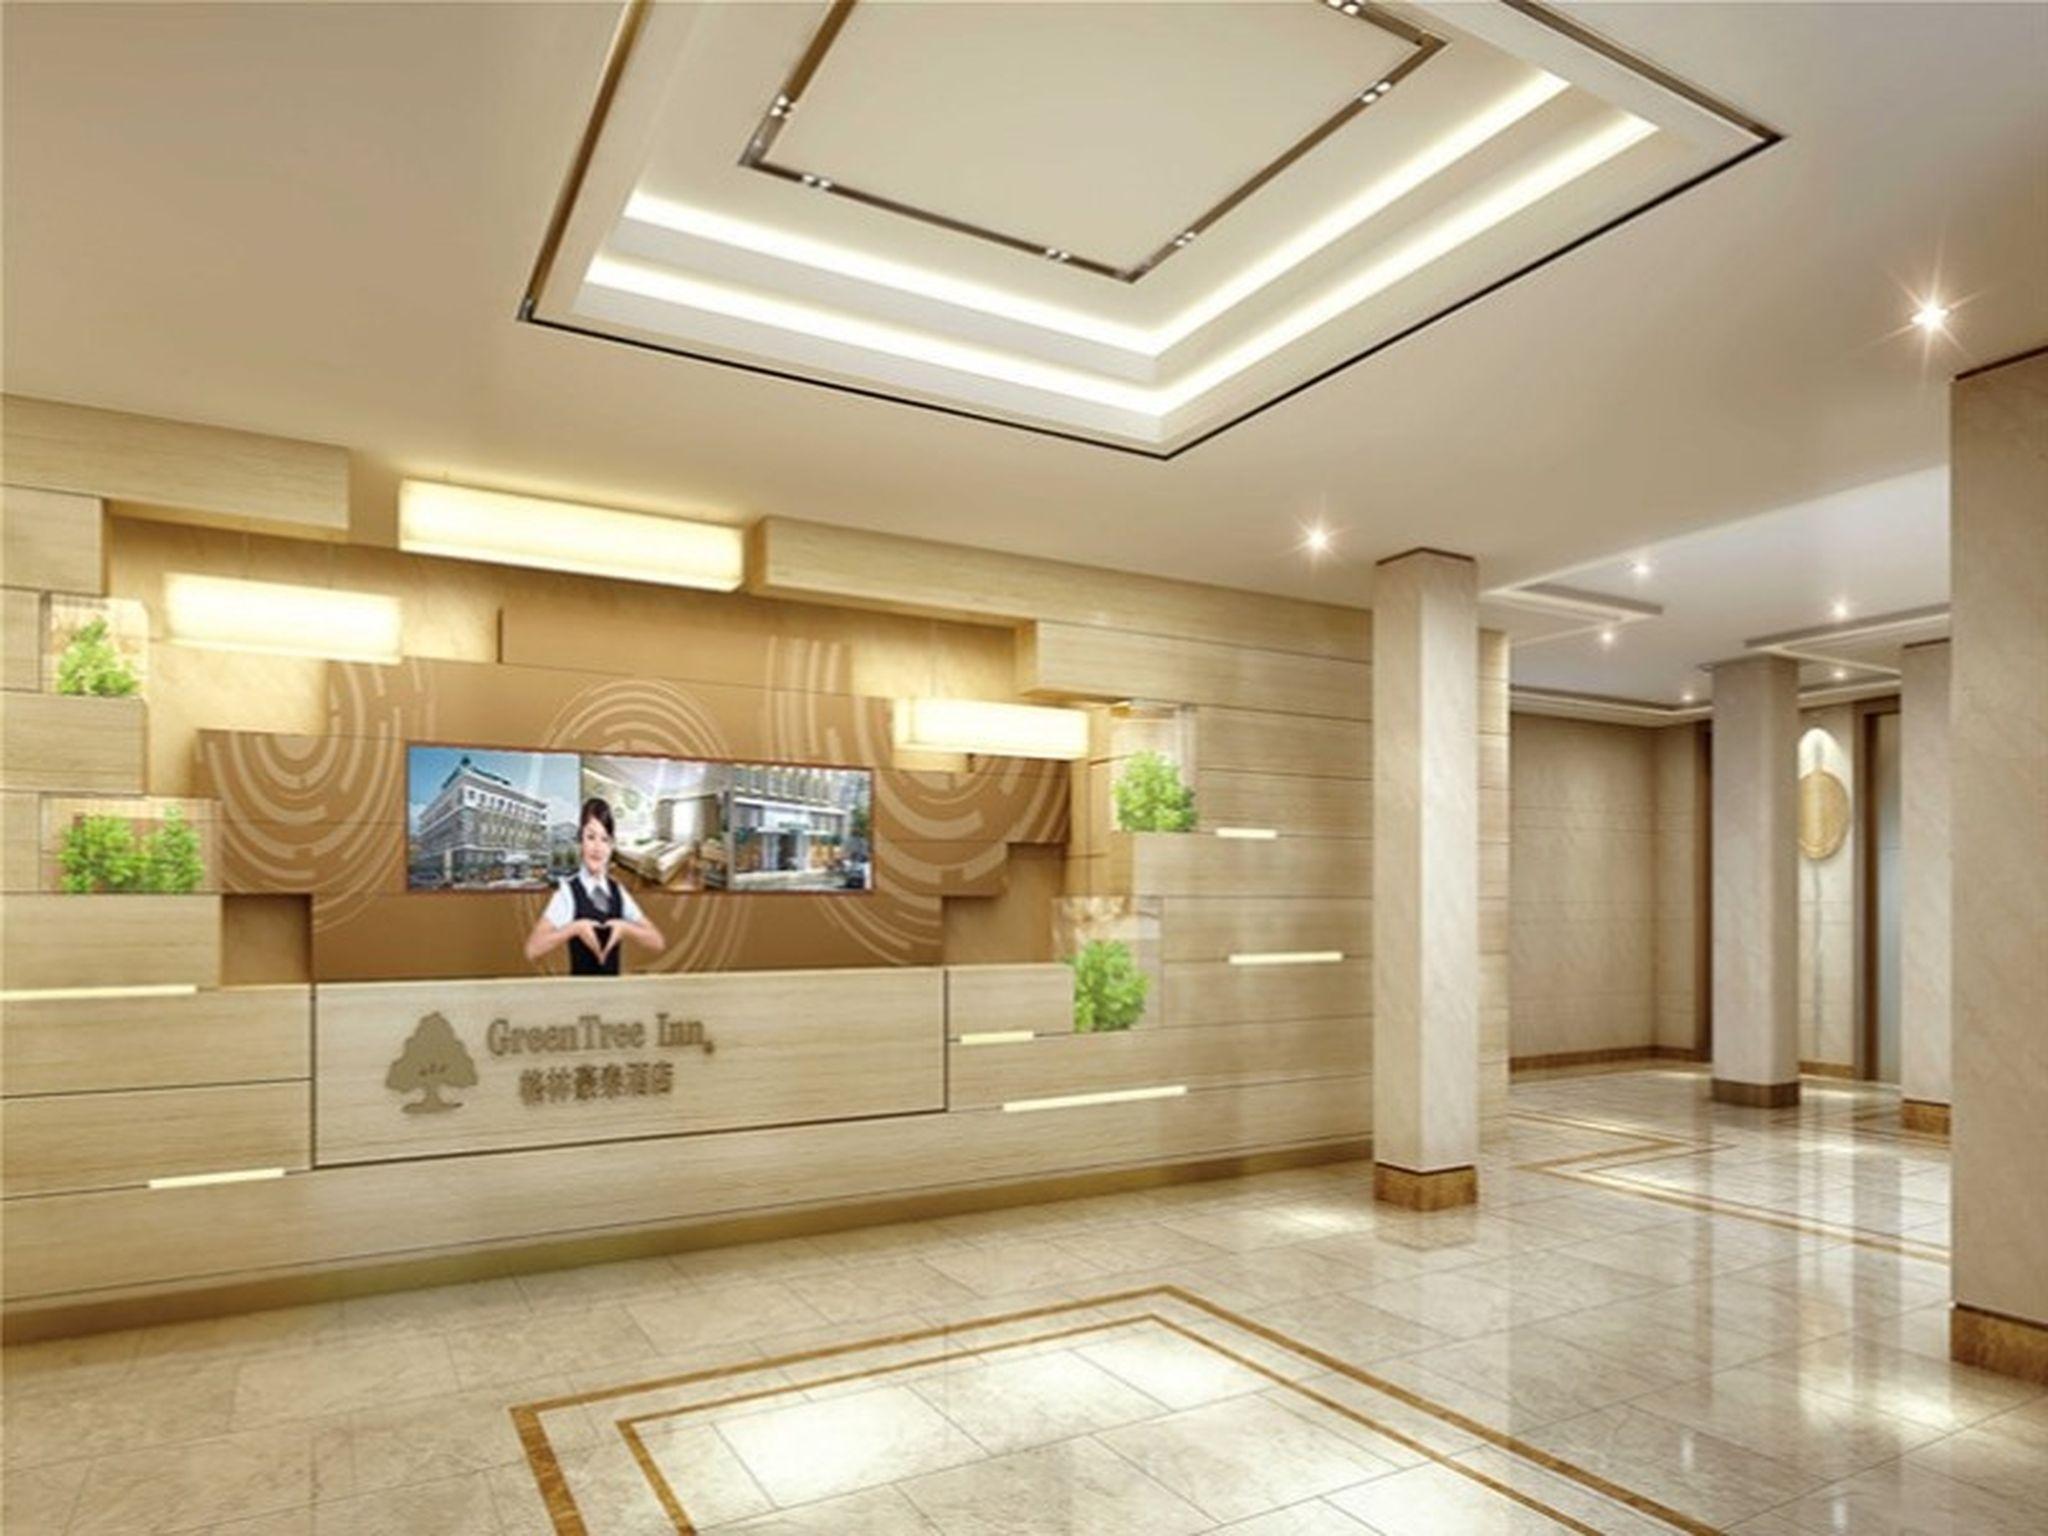 GreenTree Inn Wuxi Jiangyin High-speed Train Jinsanjiao Market Express Hotel